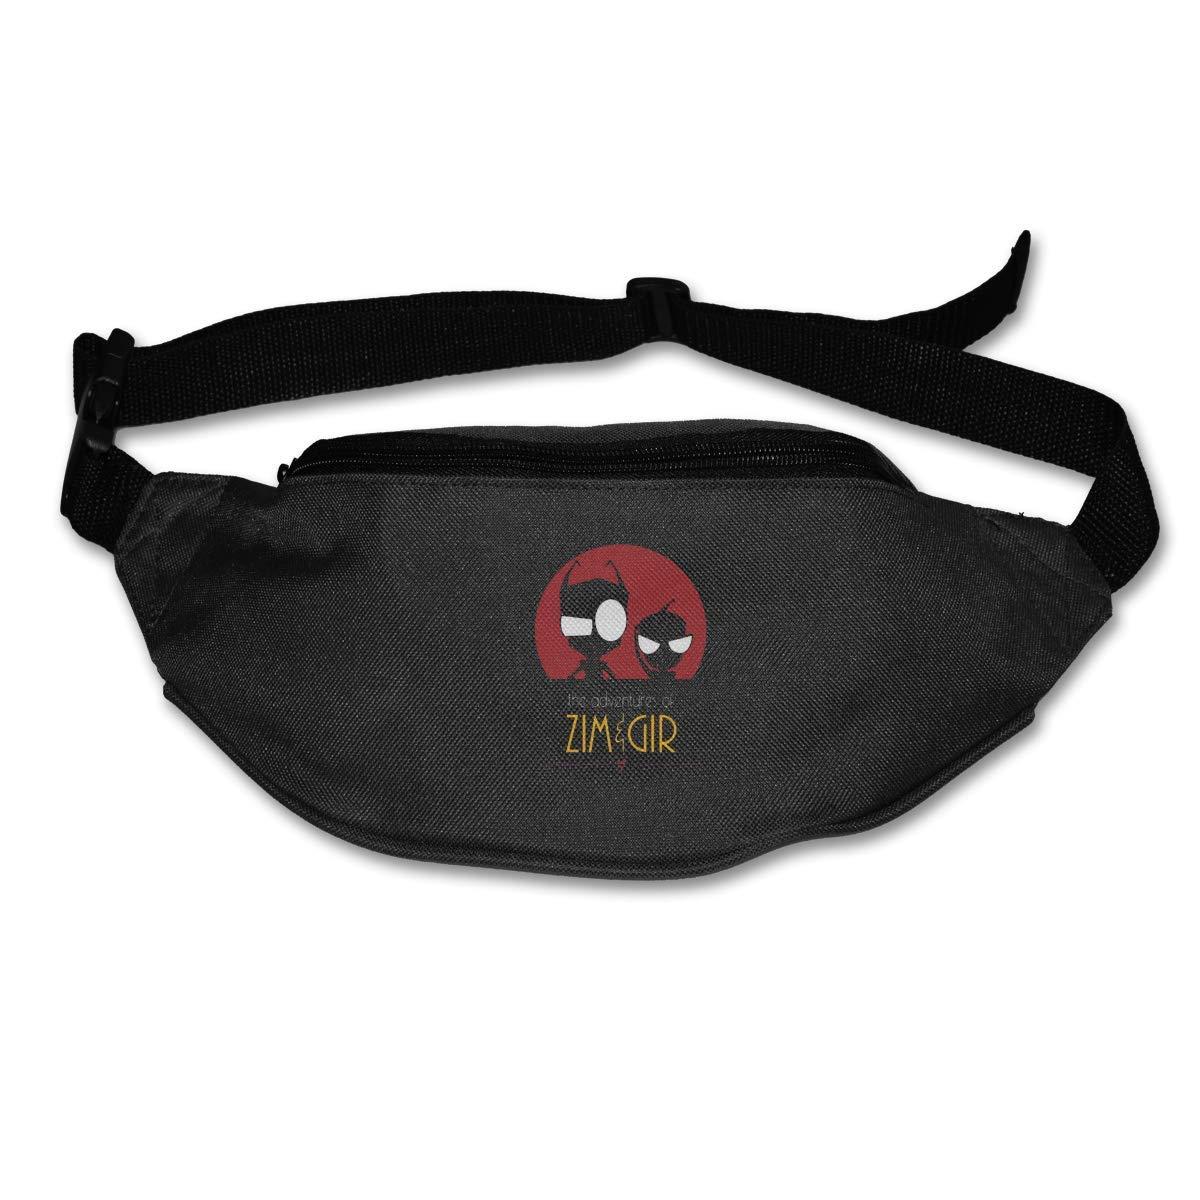 Classic-Invader-Zim-Gir Pack Waist Bag Travel Pocket Sling Chest Shoulder Bag